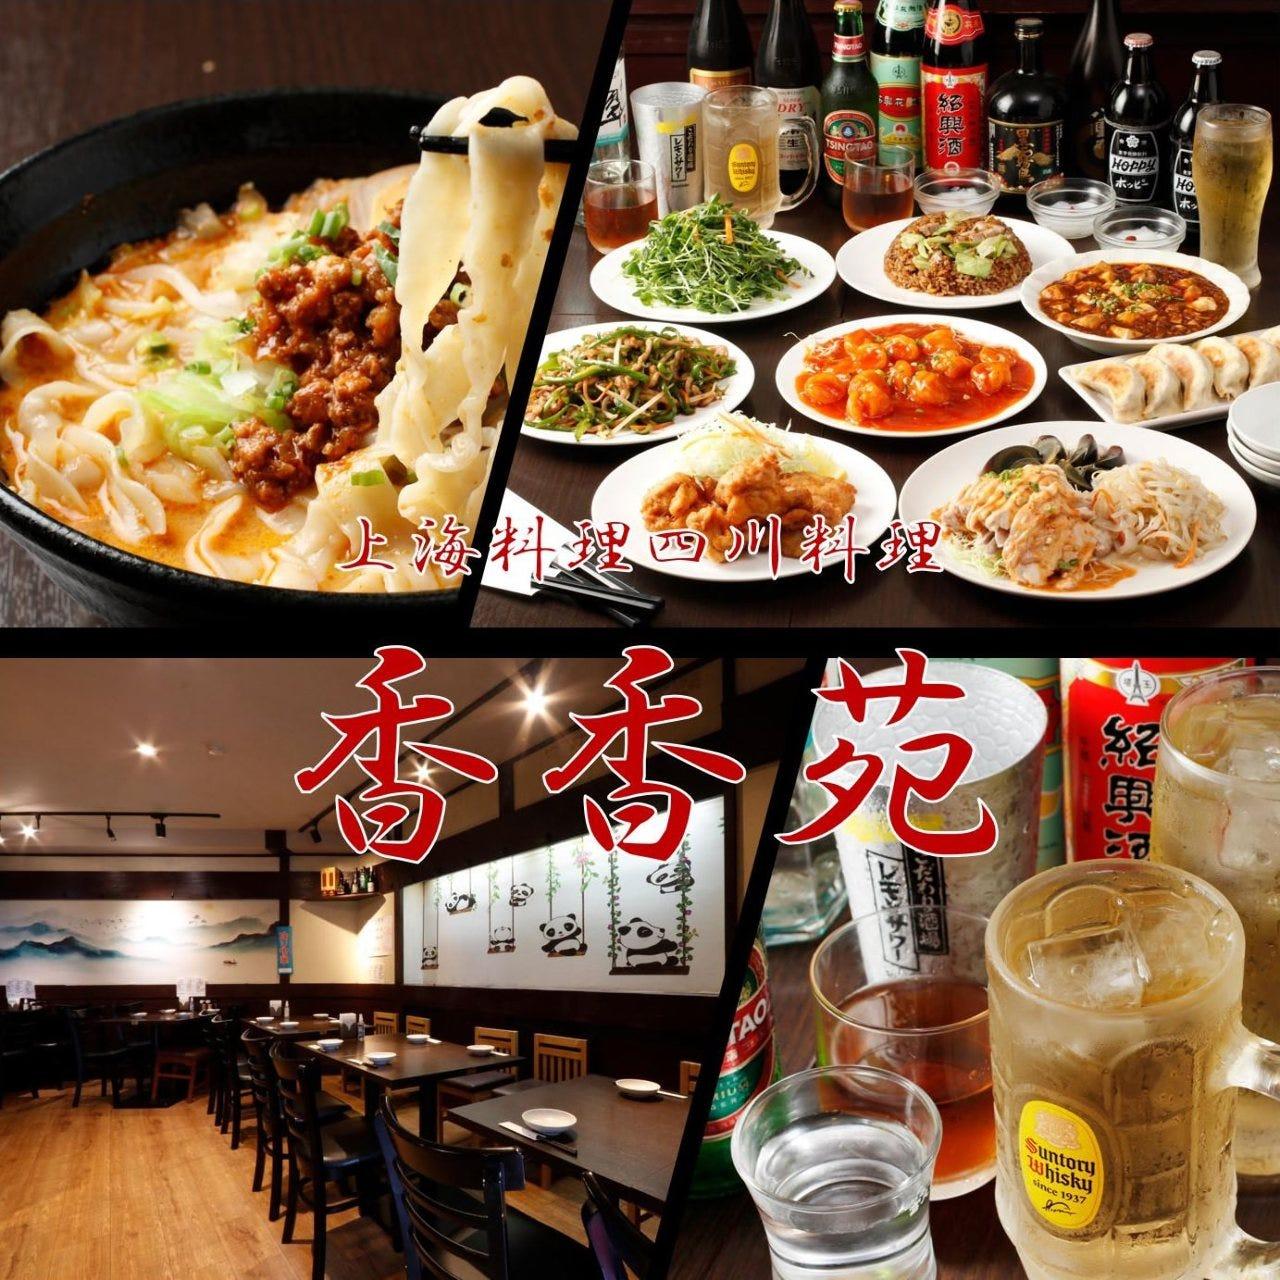 上海料理 四川料理 香香苑のイメージ写真